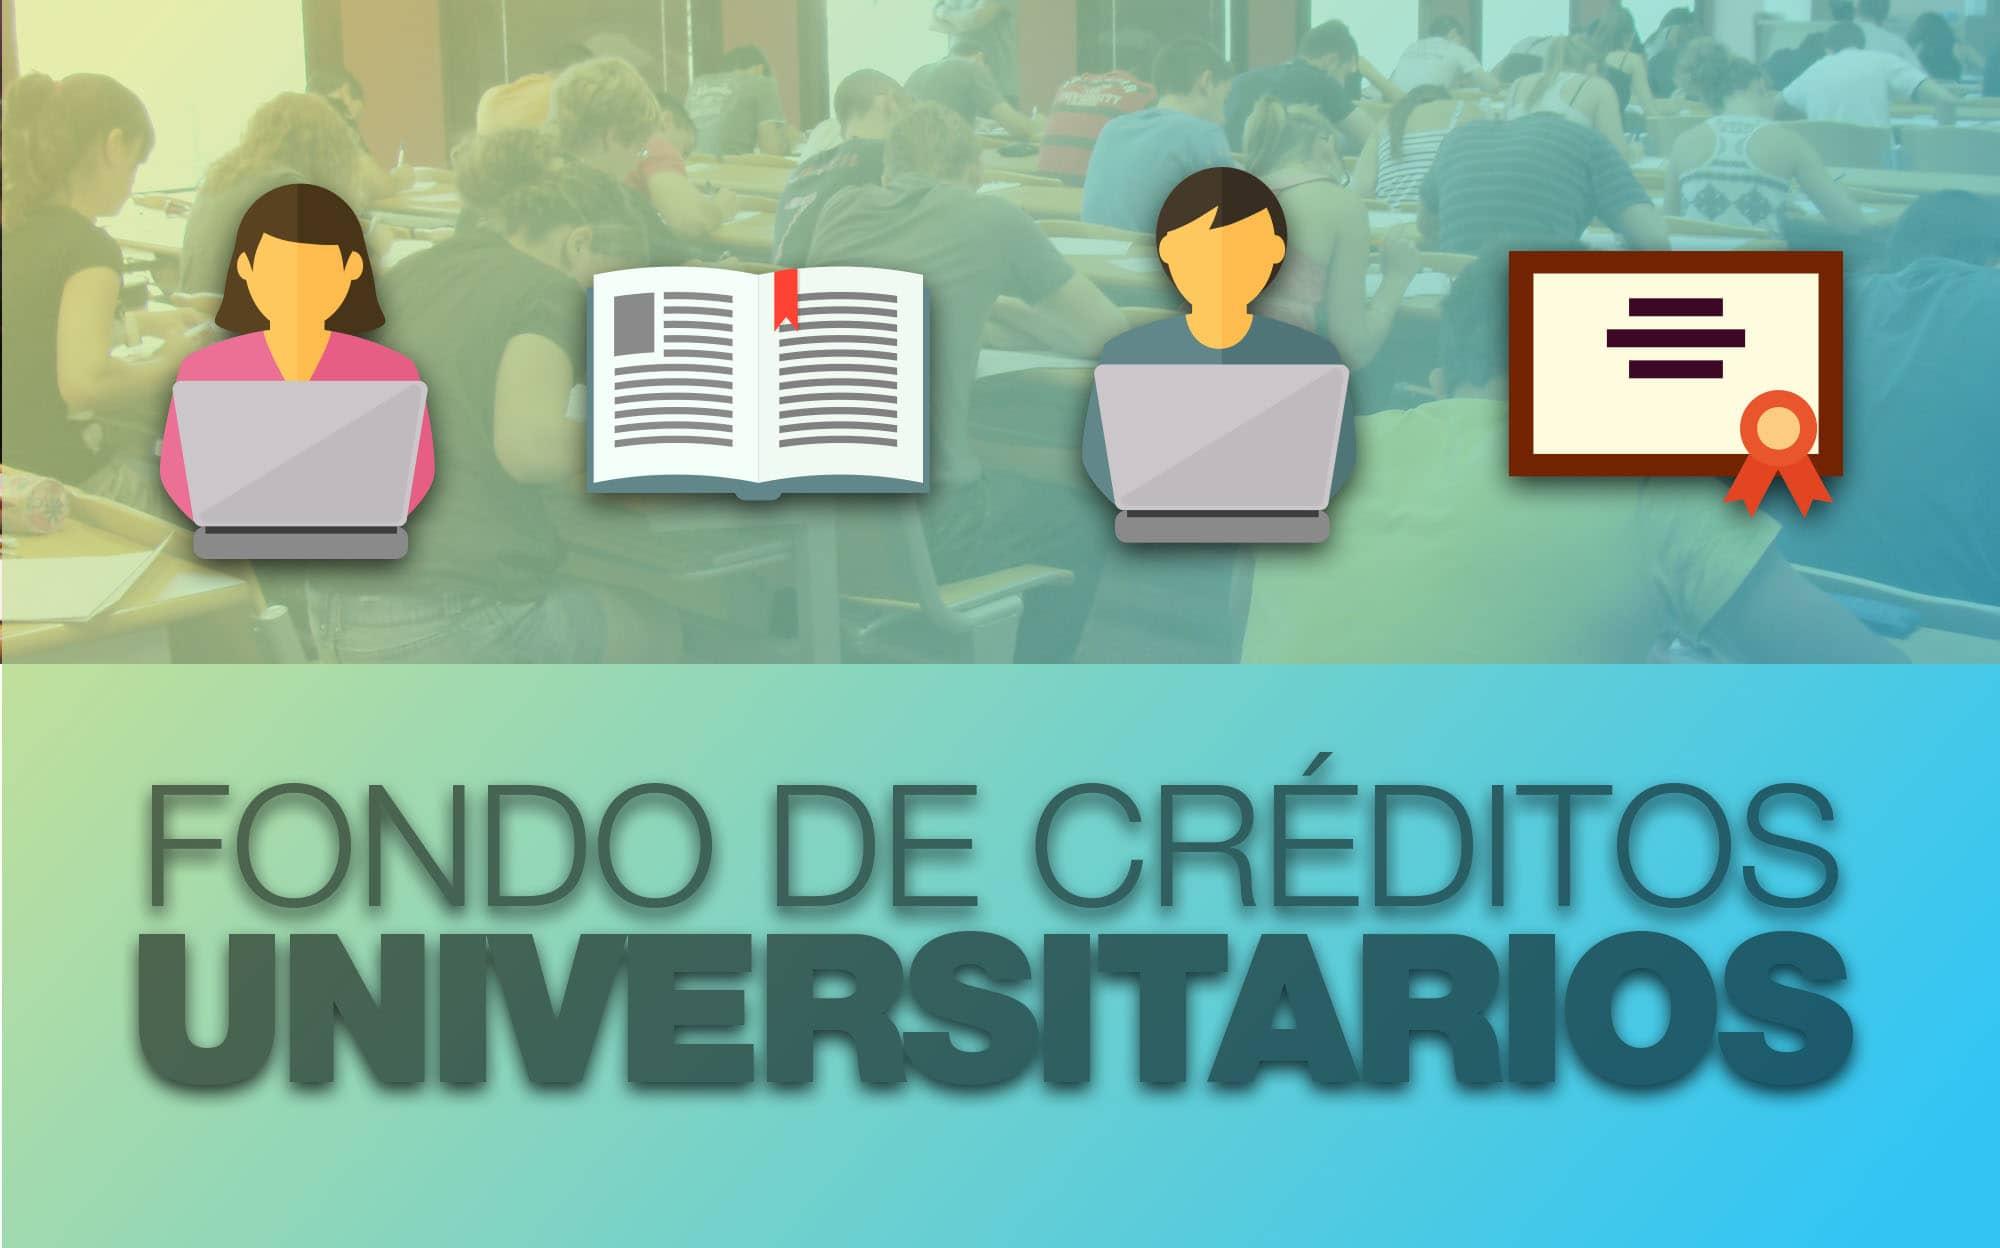 Listado de beneficiarios de créditos universitarios